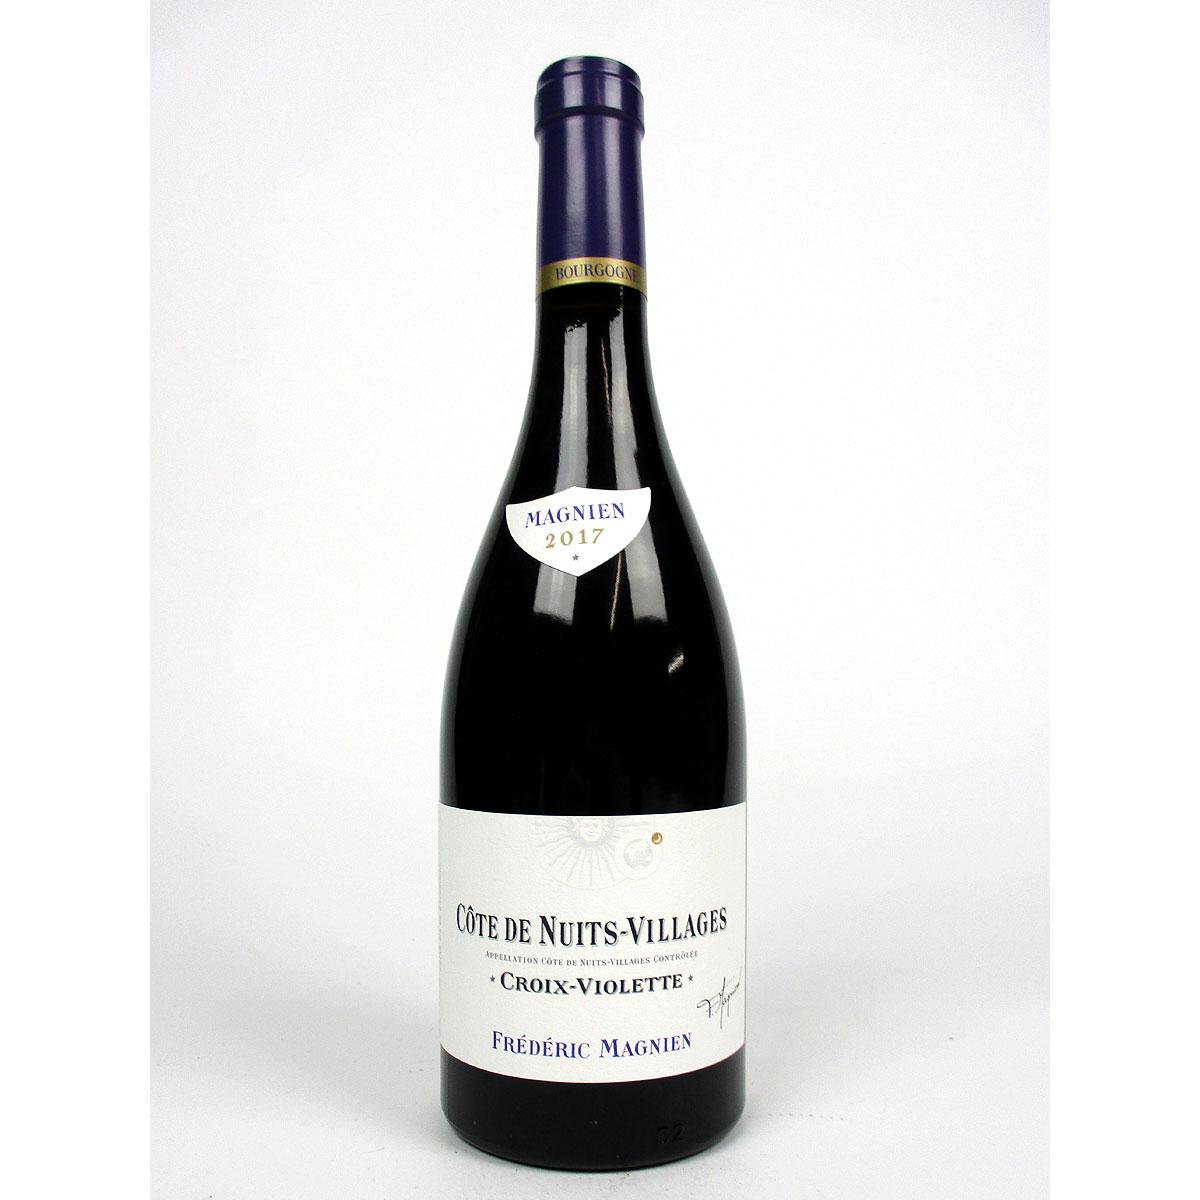 Côte de Nuits-Villages: Frédéric Magnien 'Croix Violette' 2017 - Bottle